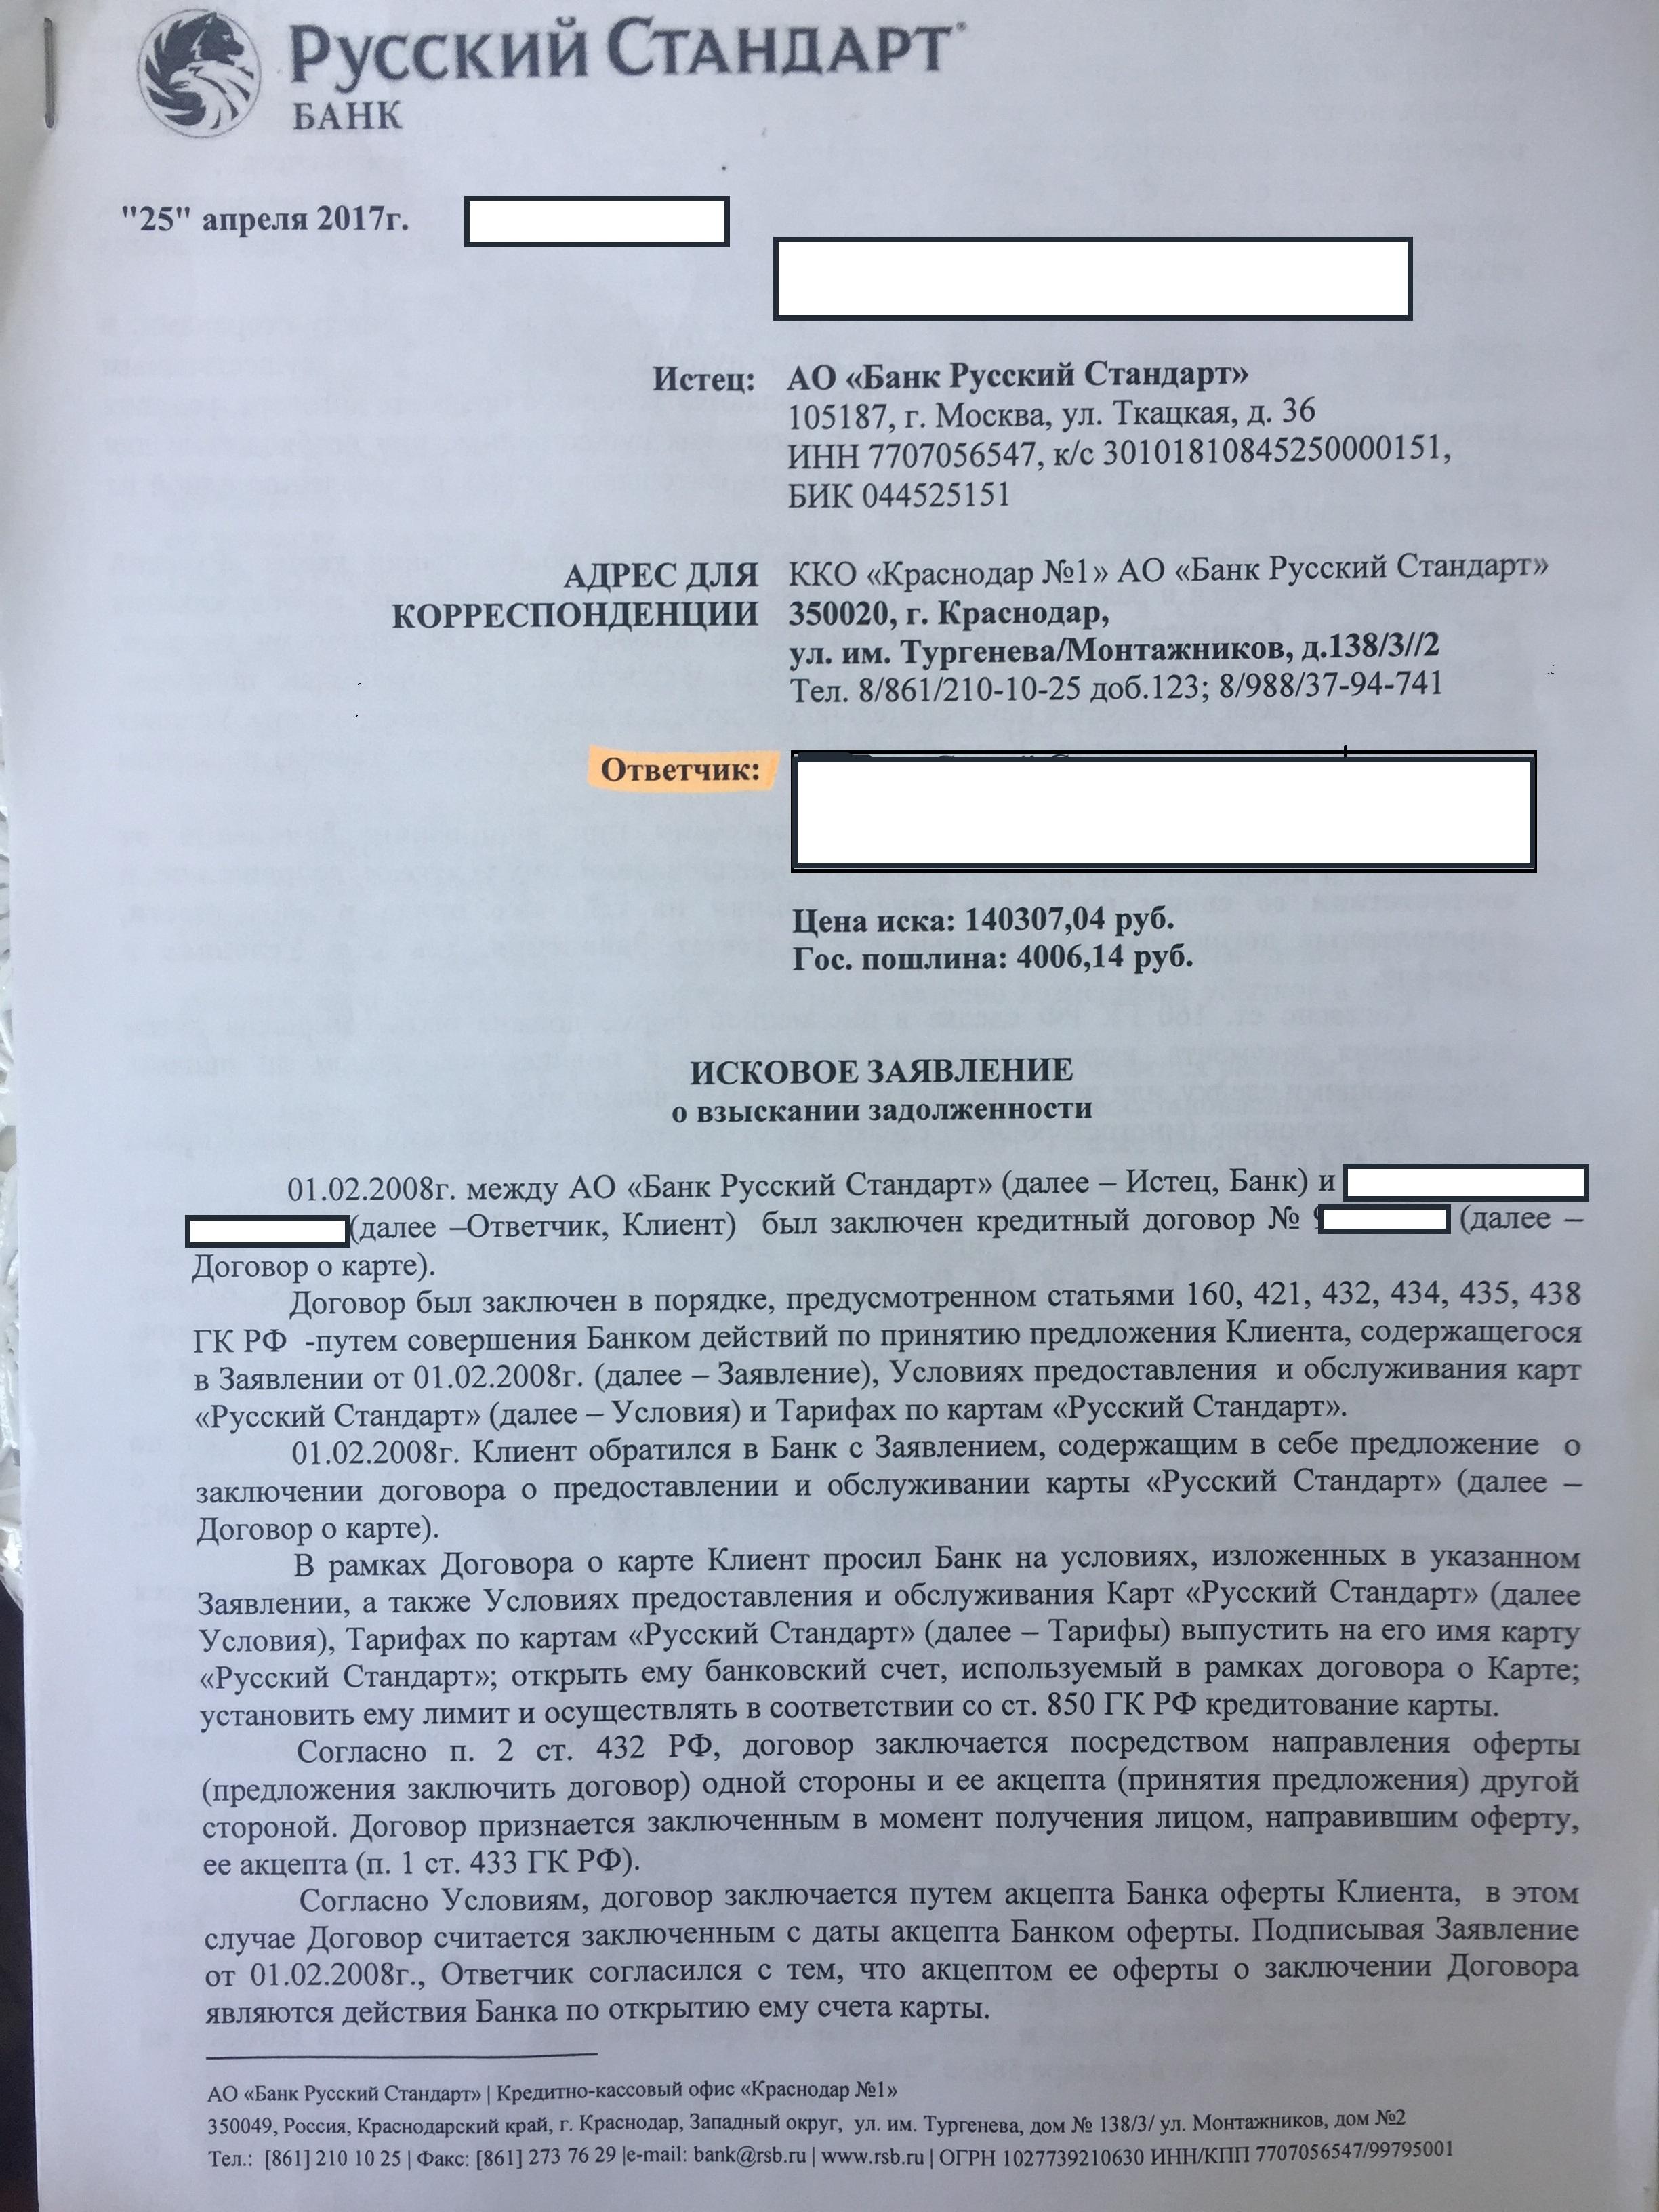 банк русский стандарт кредитный договор